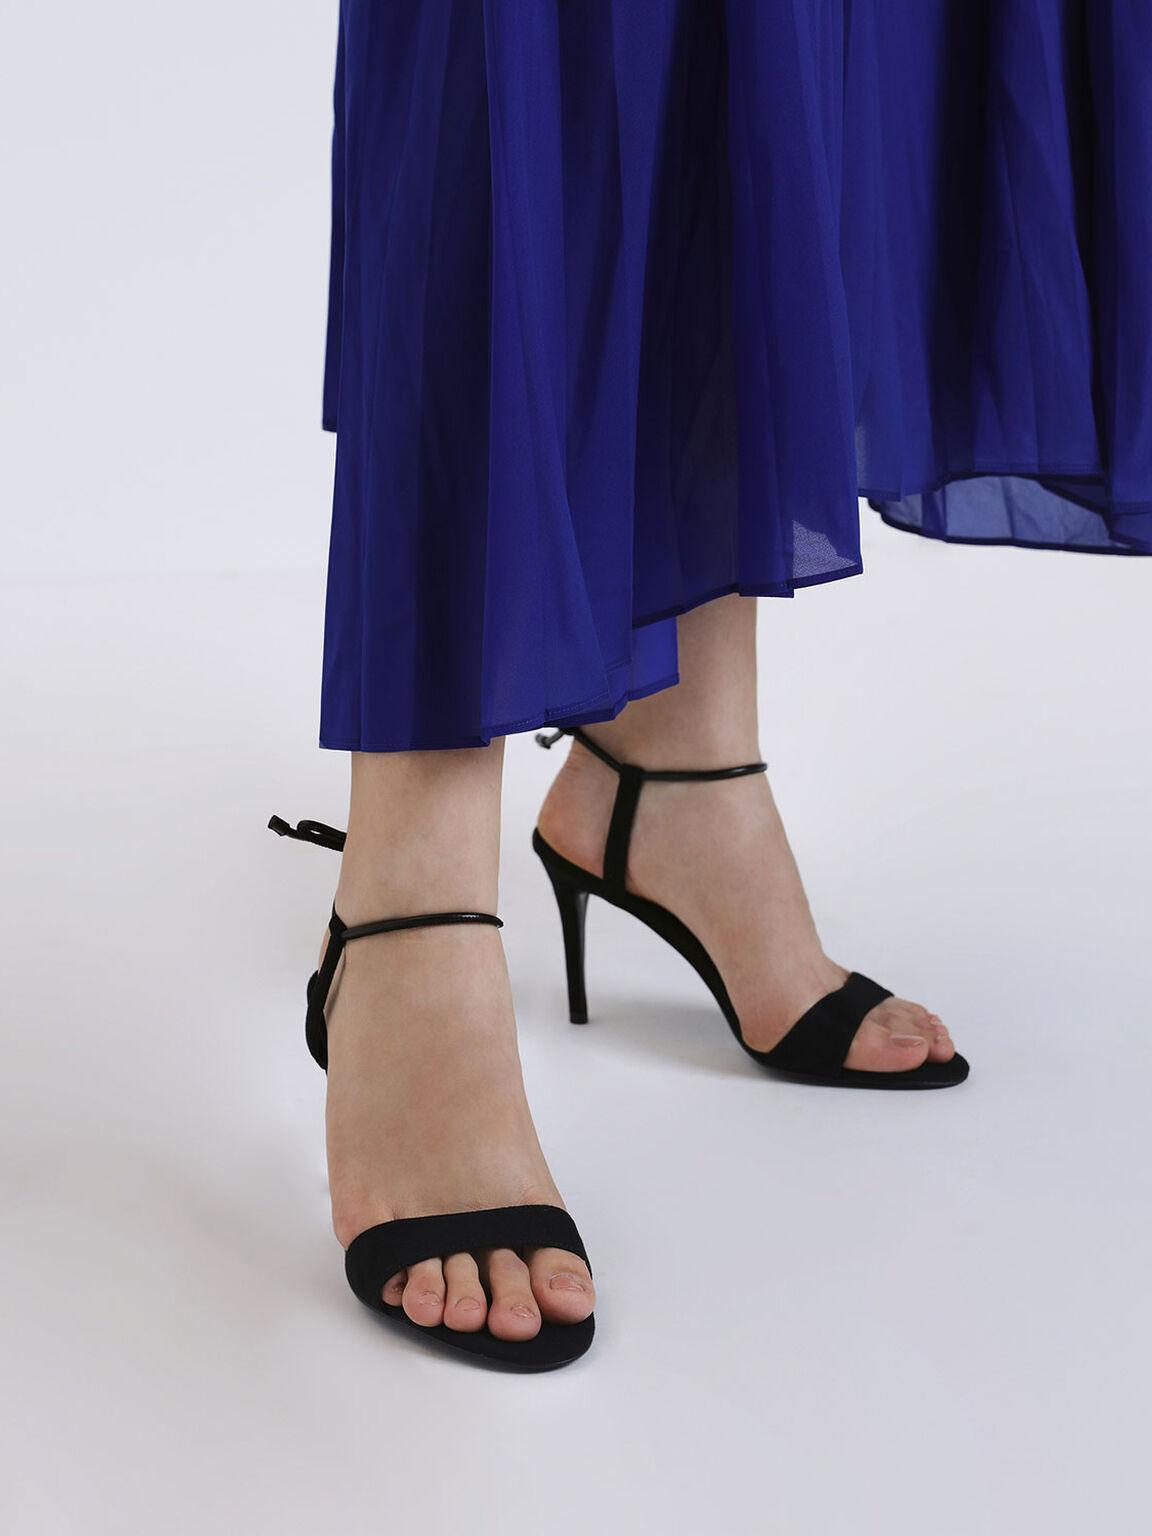 Ankle Tie Stiletto Sandals, Black, hi-res